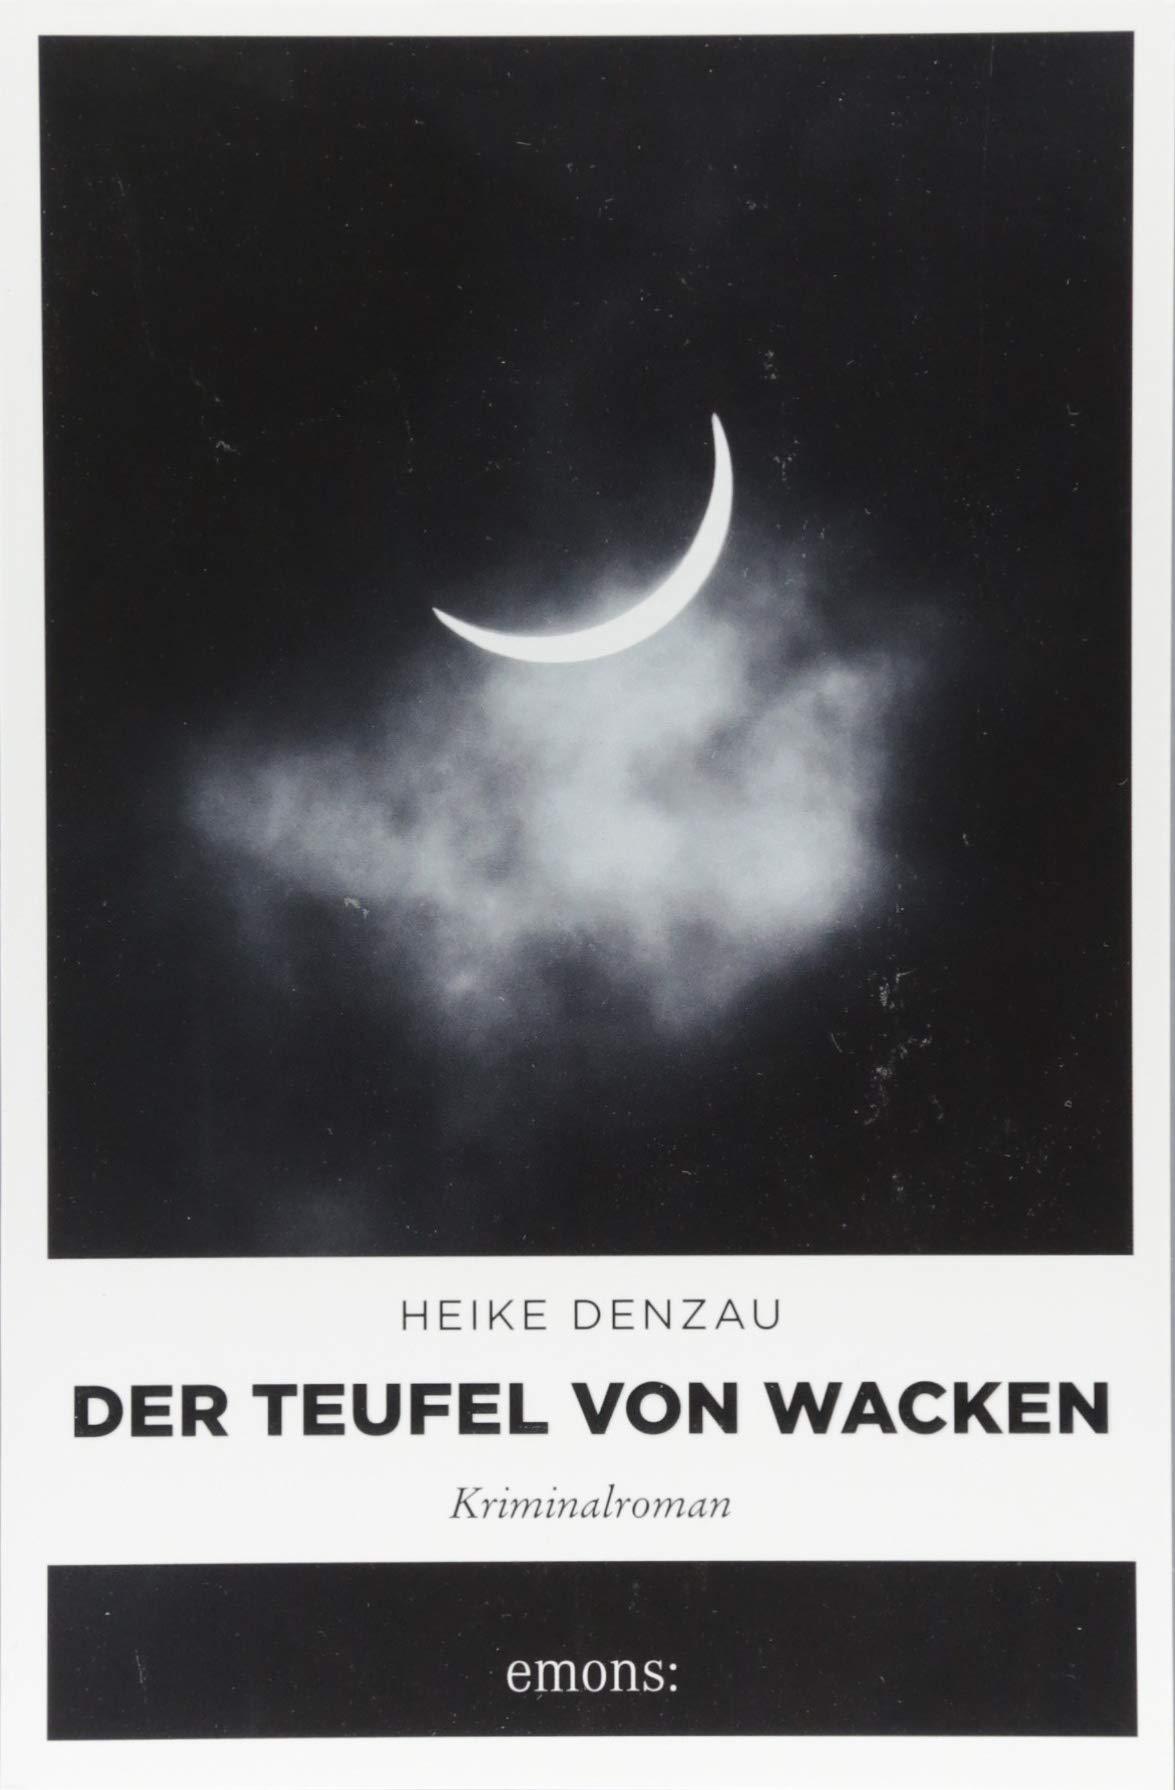 Der Teufel von Wacken: Kriminalroman